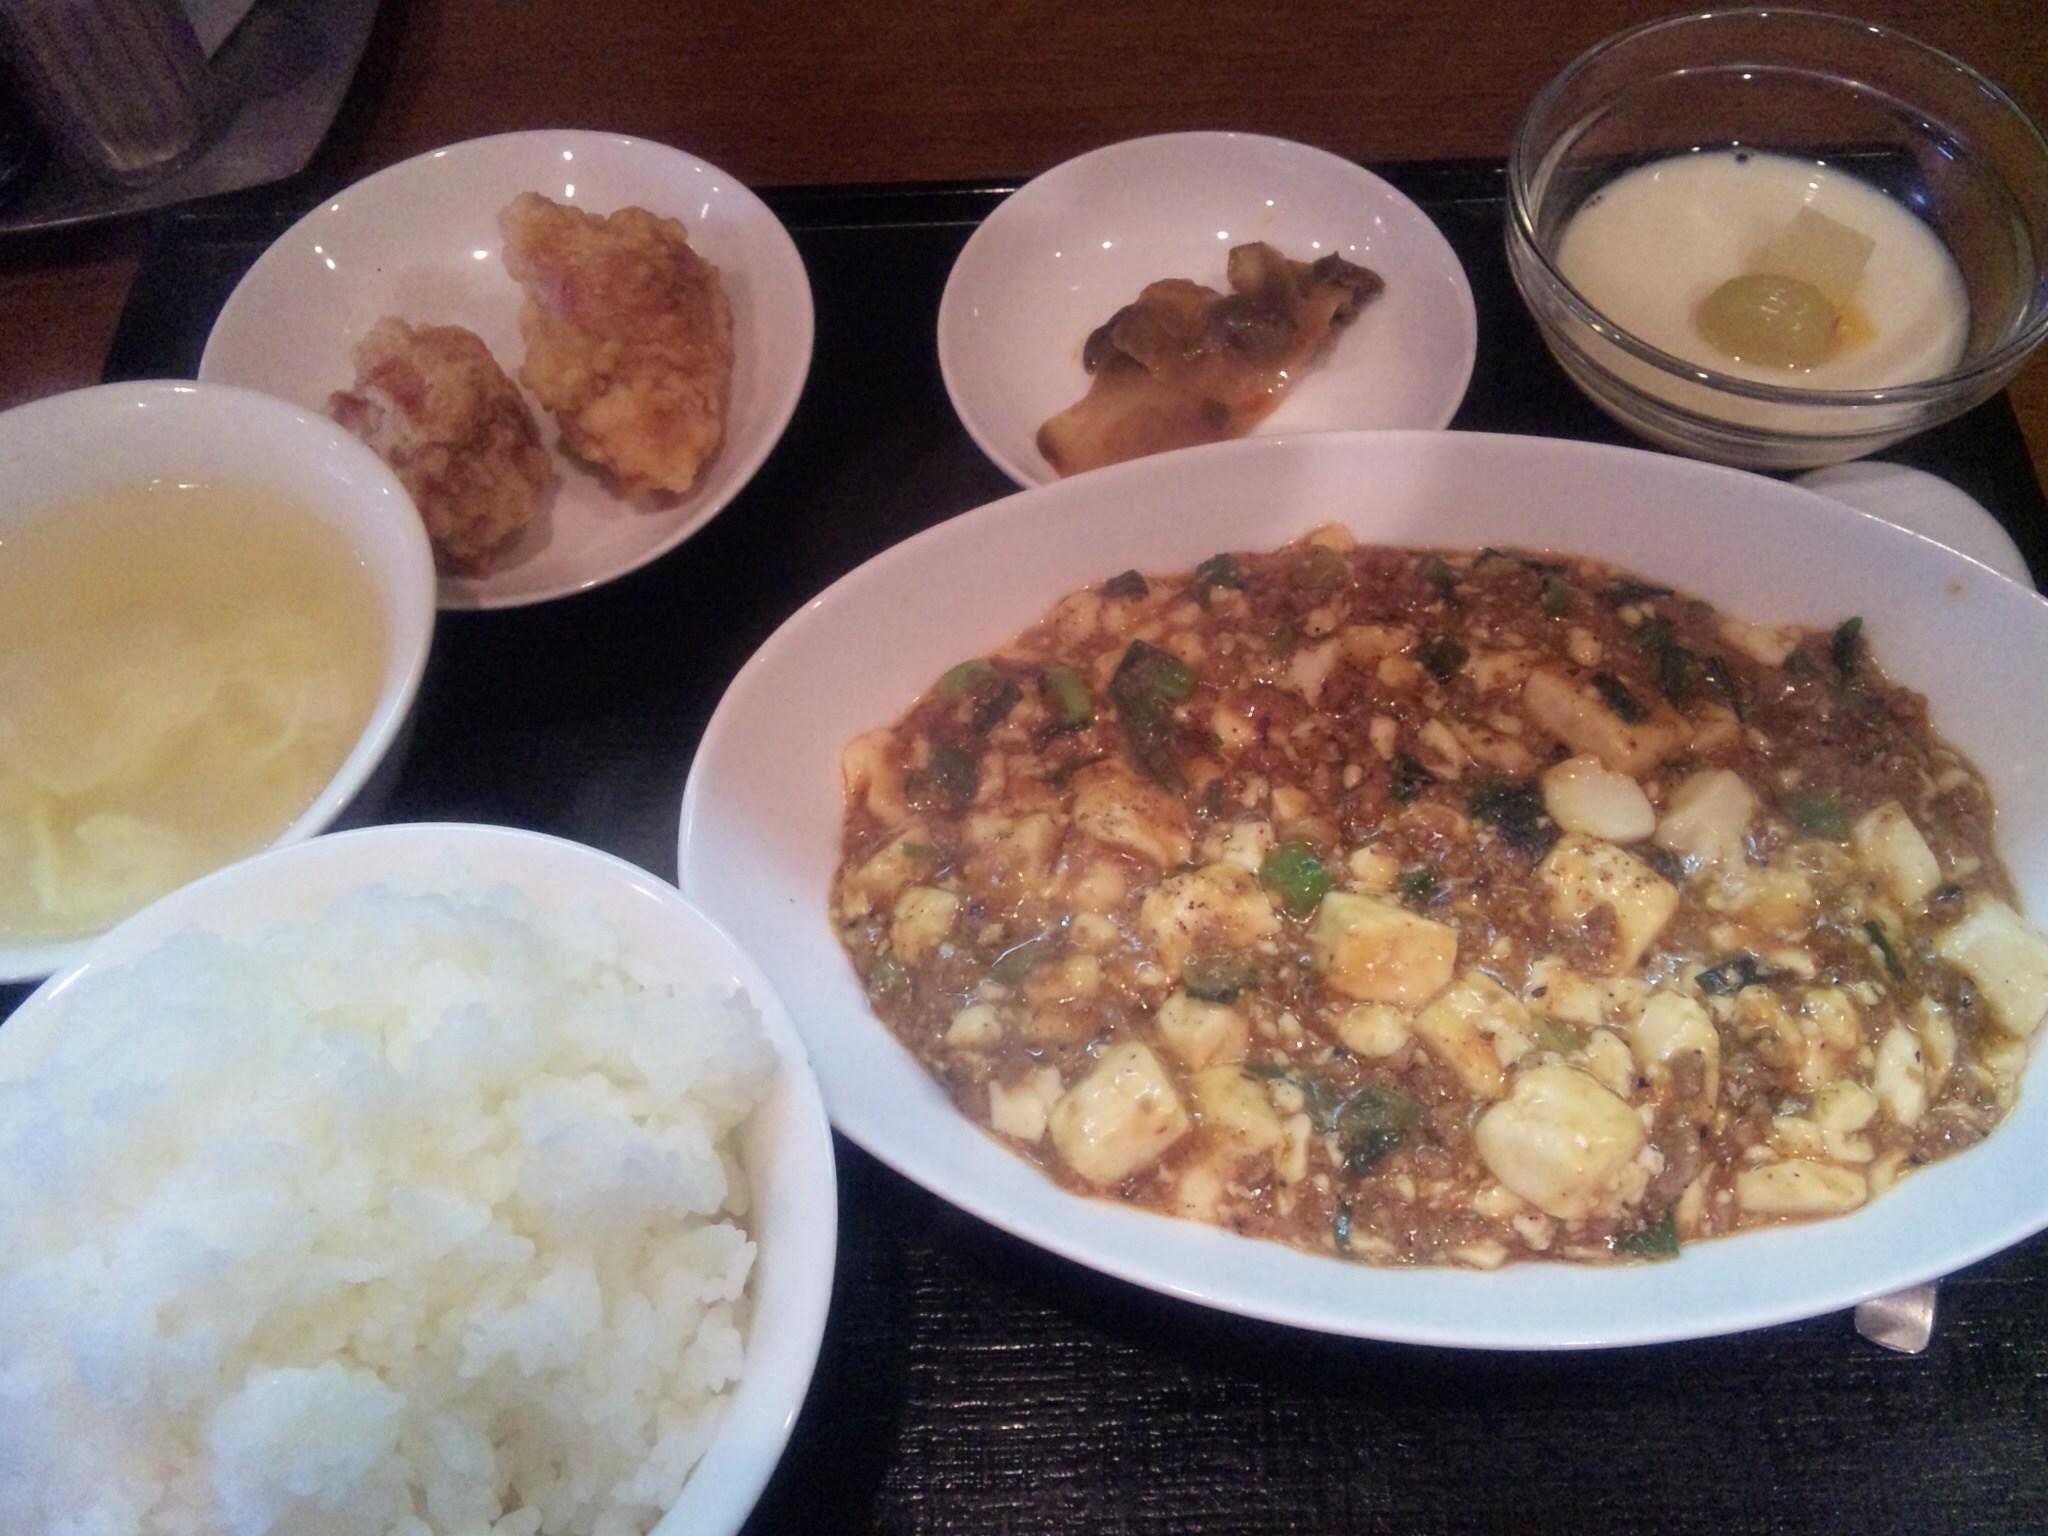 四川料理 China style 元基